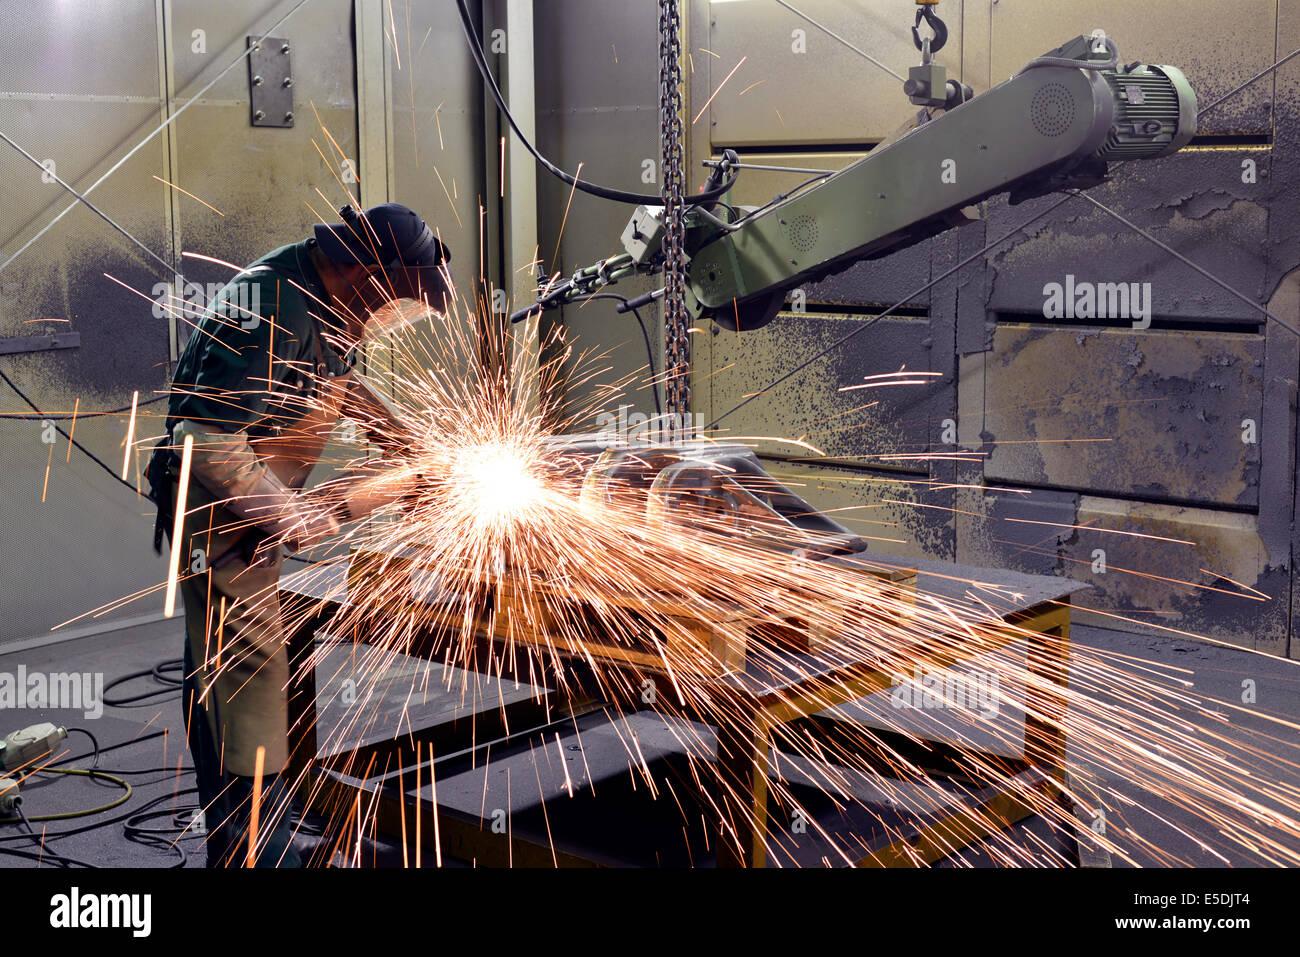 Arbeiten mit der Schleifmaschine in einer Gießerei Stockbild